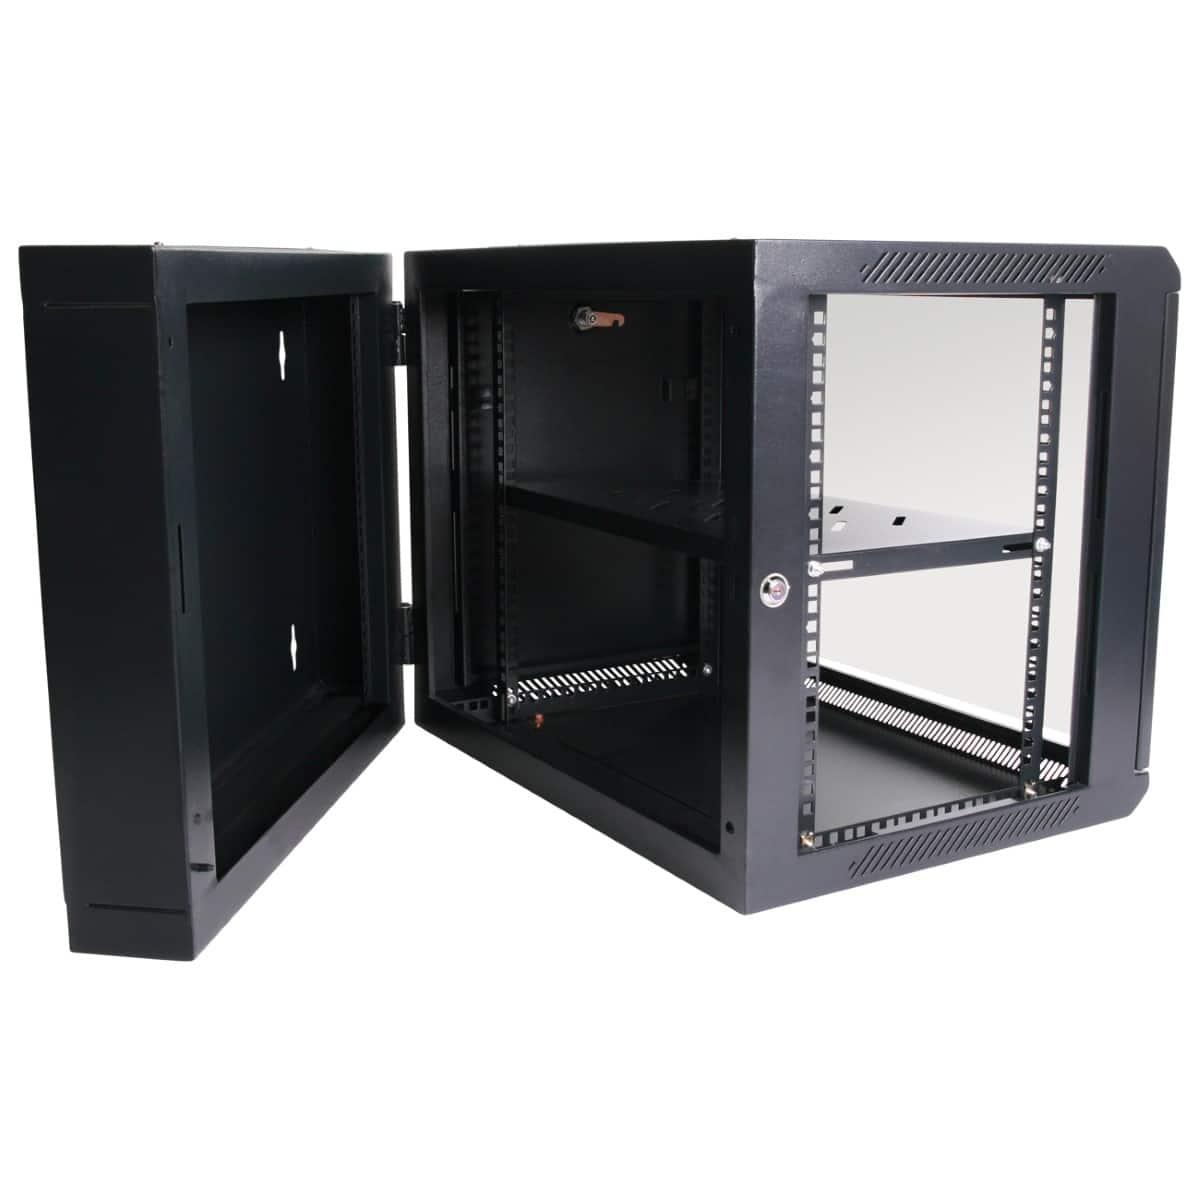 9ru 550mm Deep Wall Mount Cabinet Swing Frame Hcc